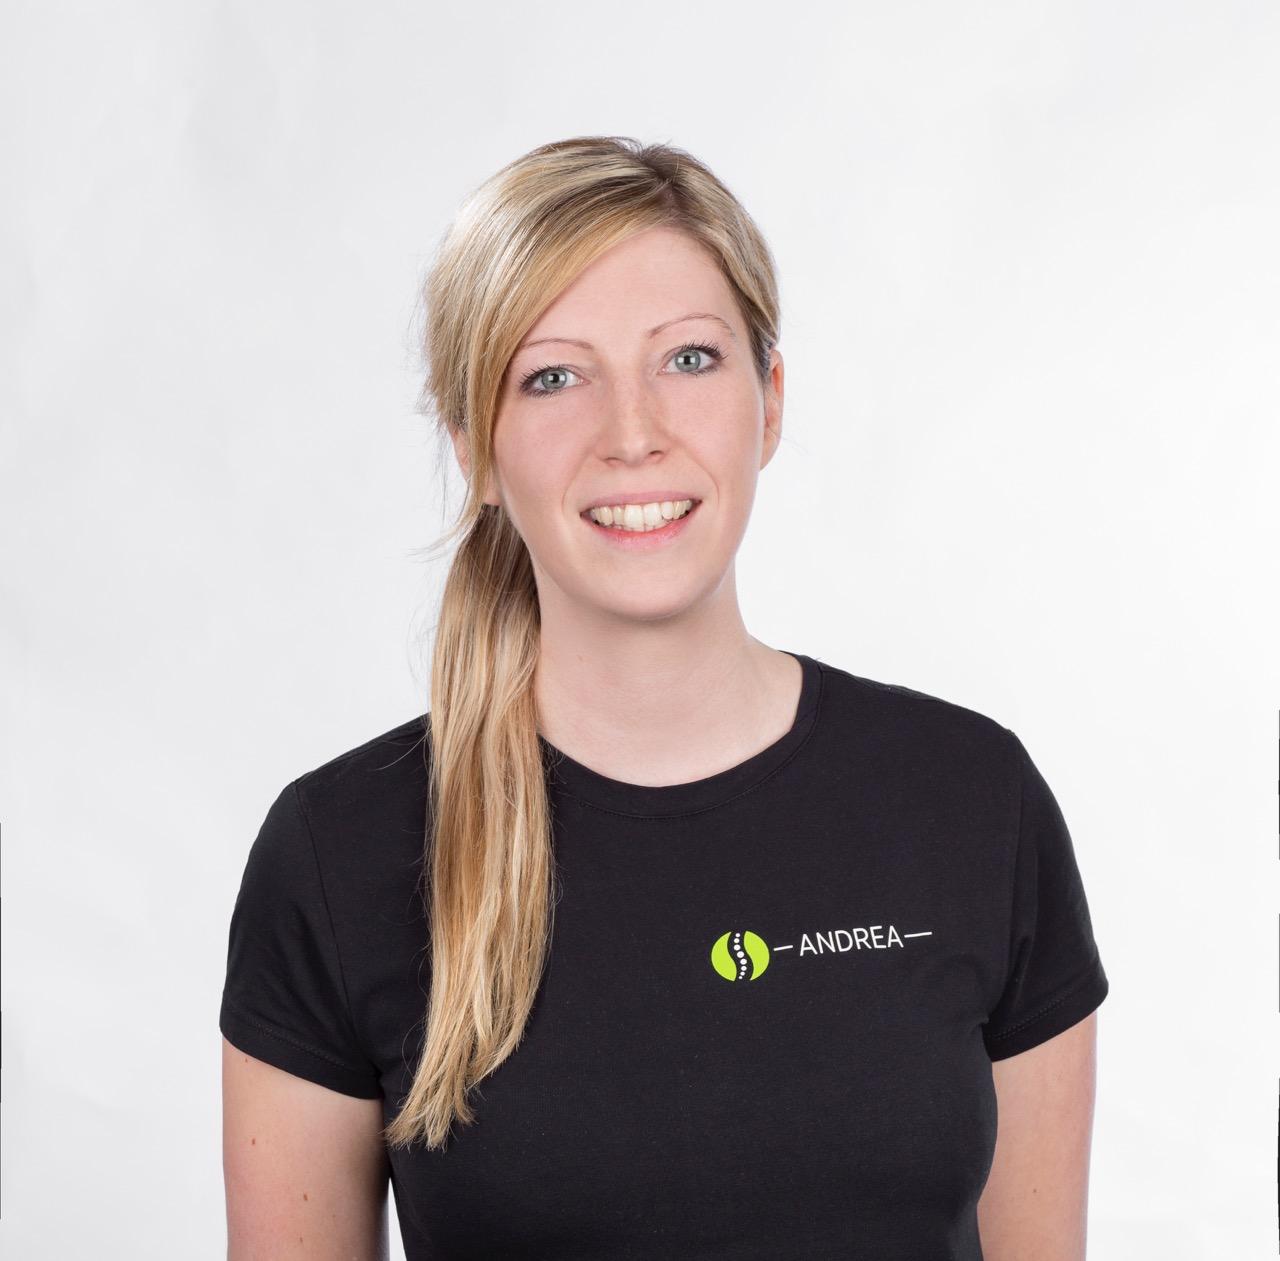 Neue Mitarbeiterin Andrea Hubert